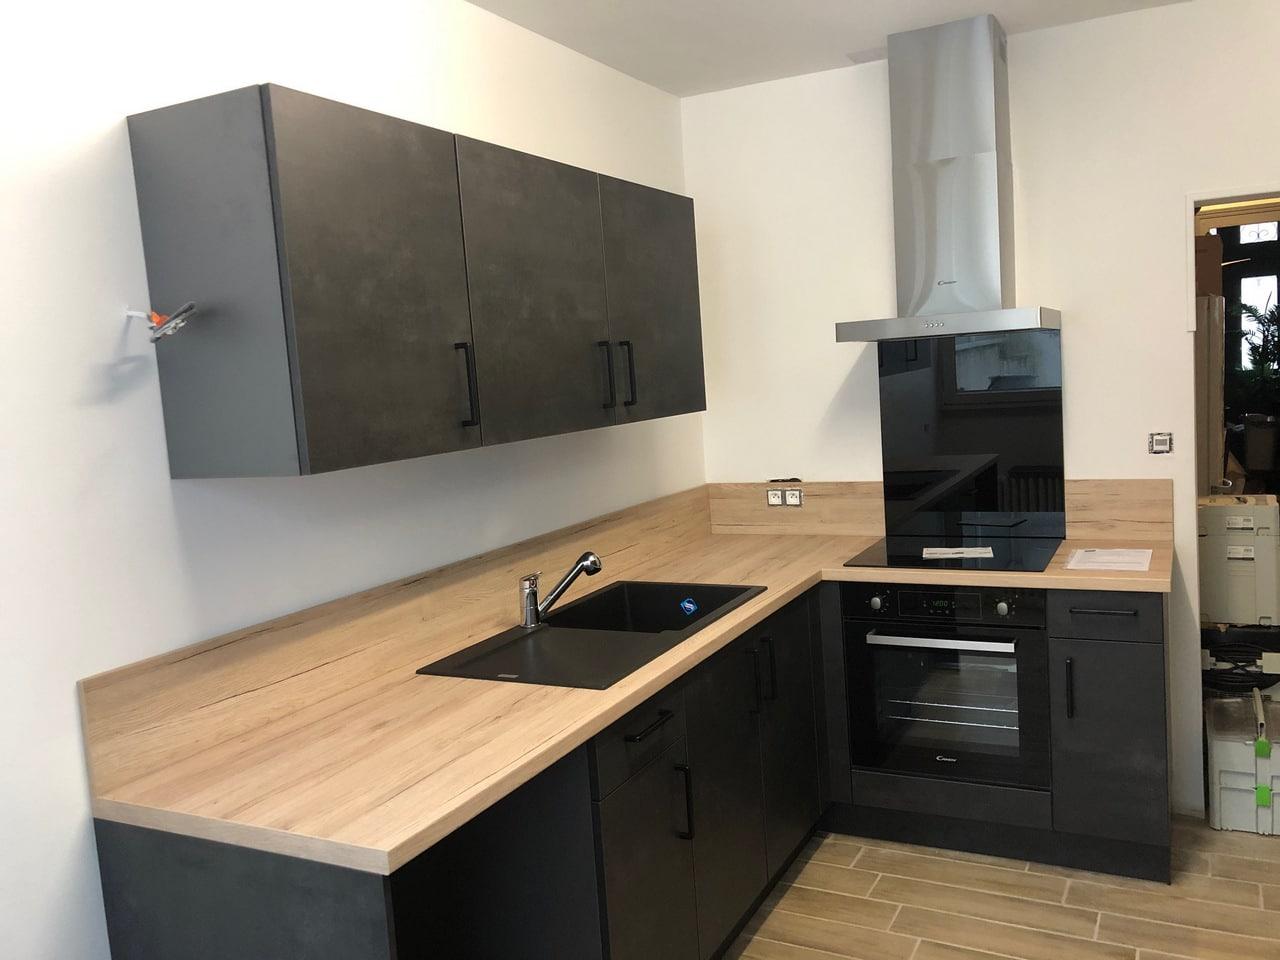 Rénovation d'une cuisine à La Roche-sur-Yon (85)